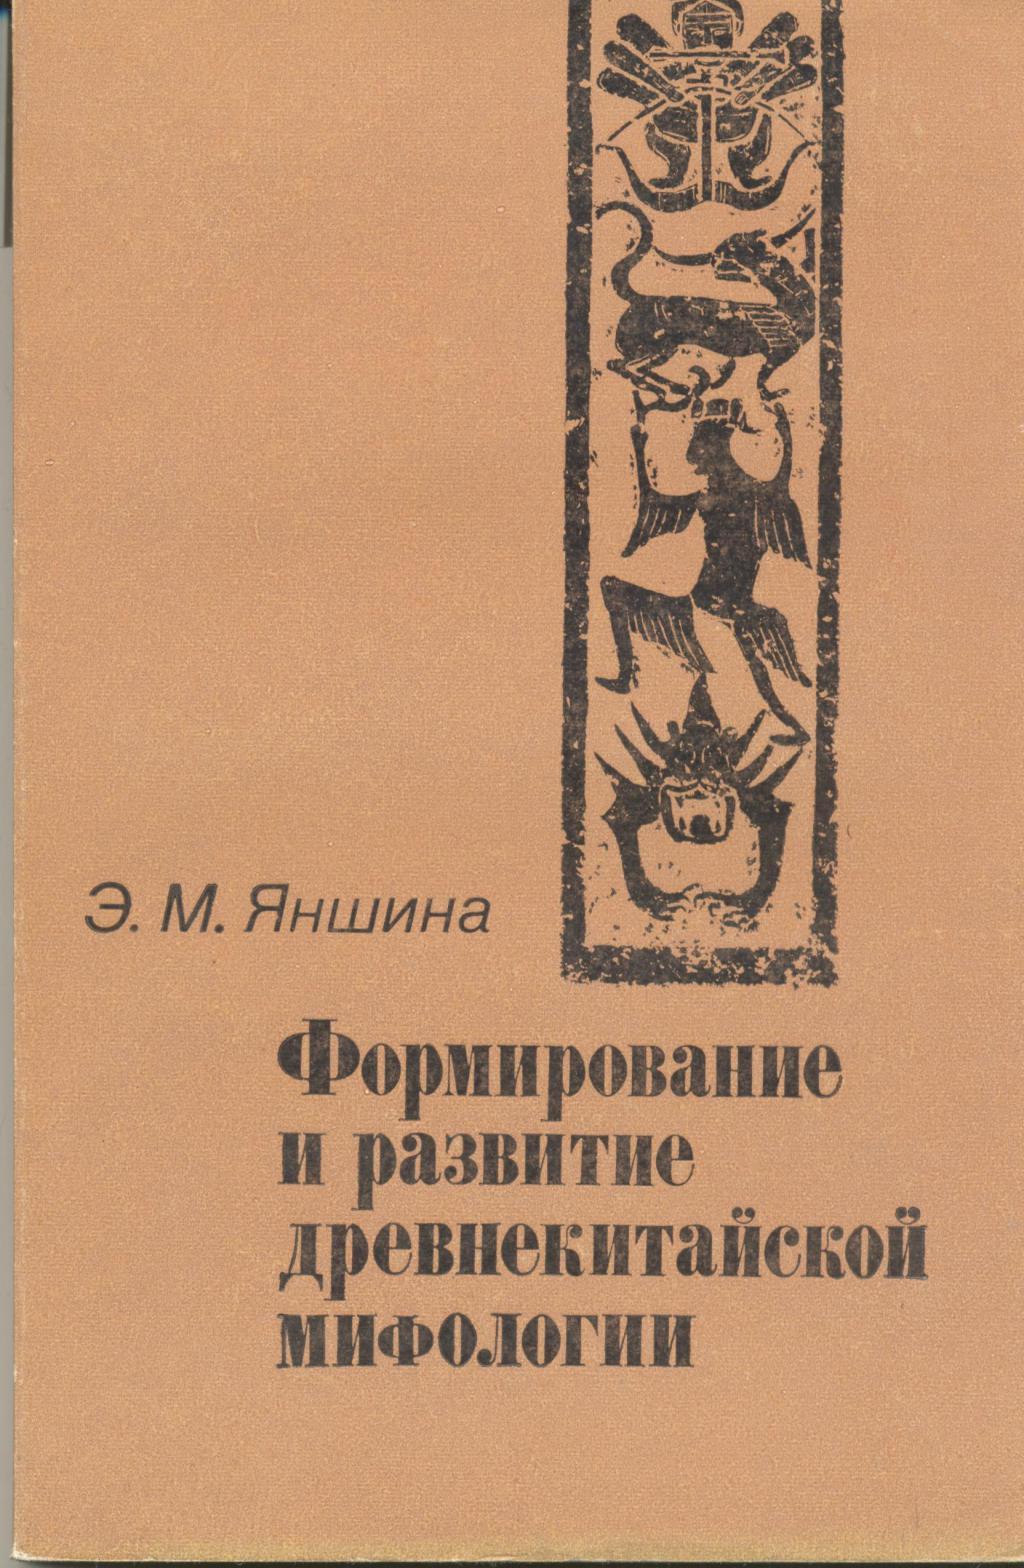 Формирование и развитие древнекитайской мифологии